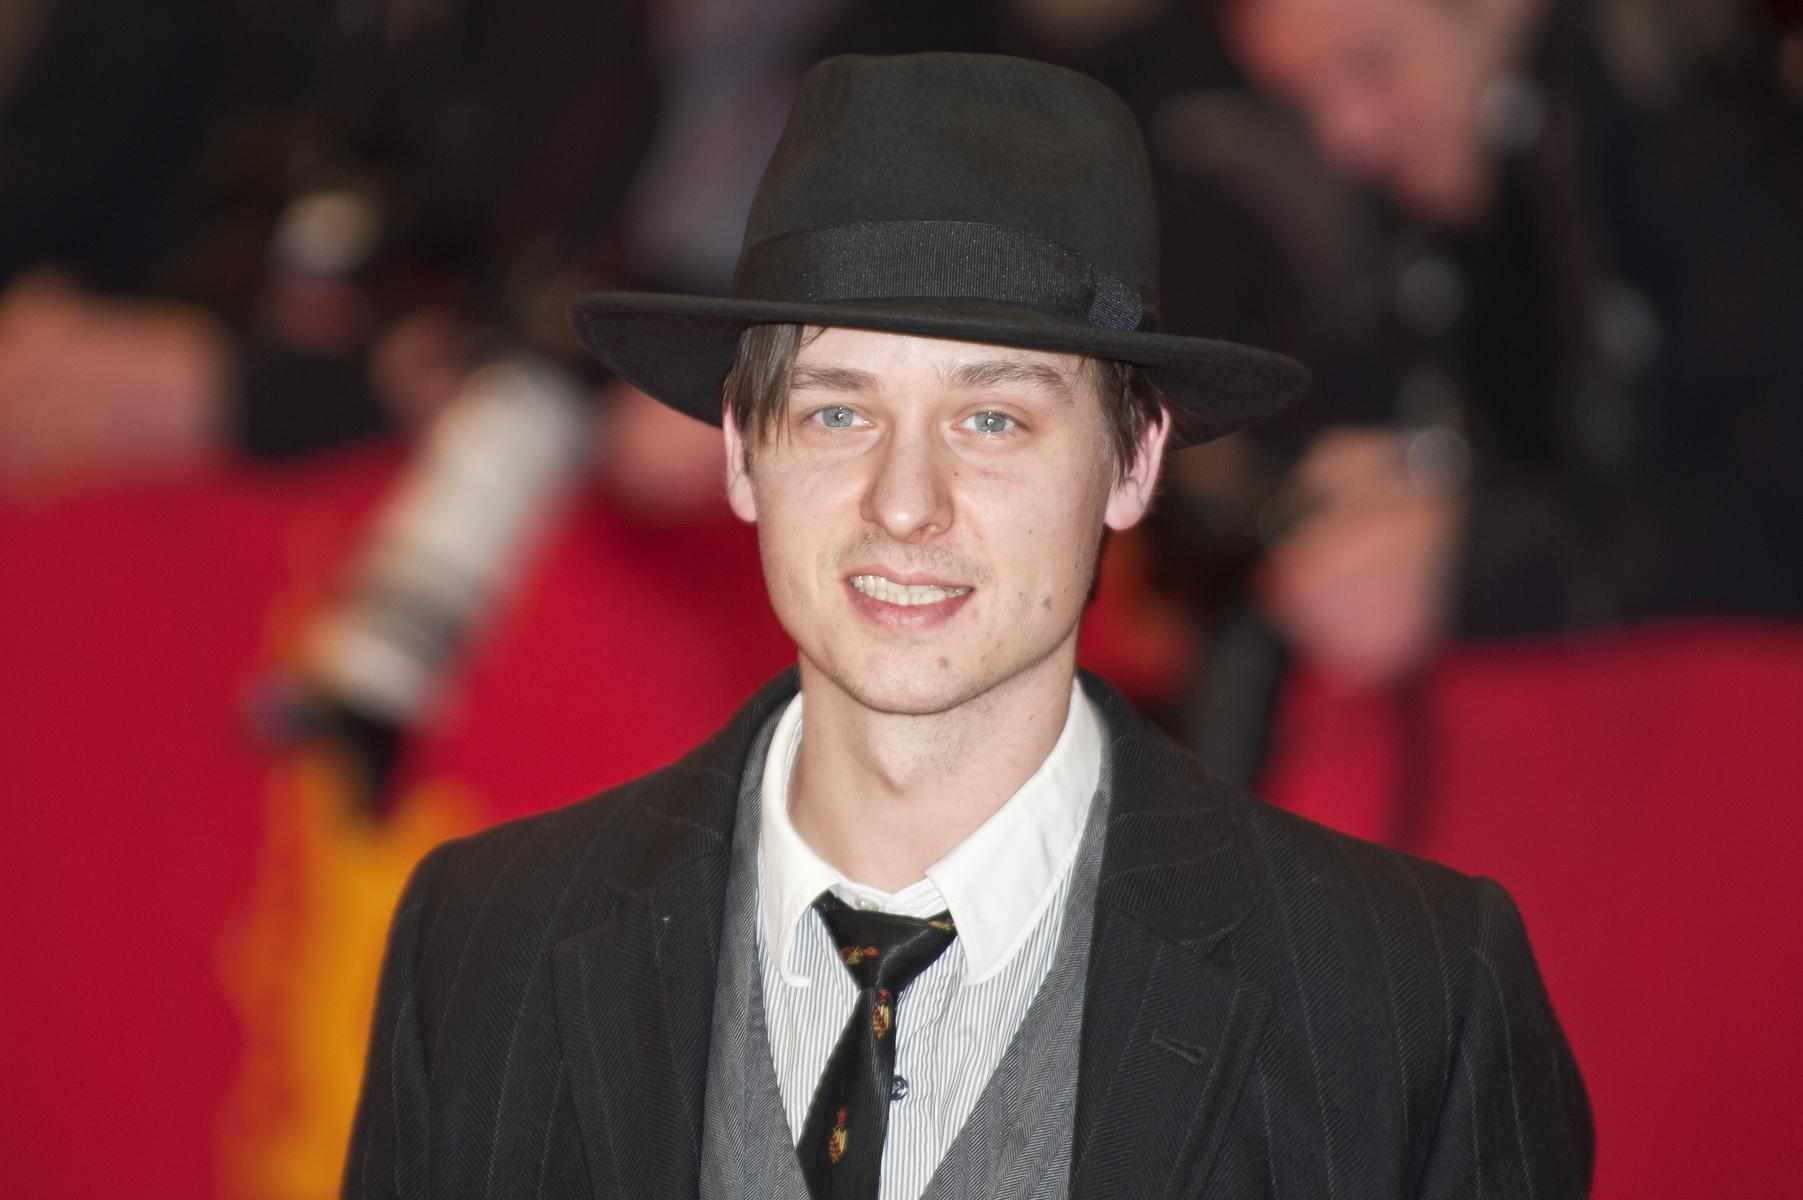 http://upload.wikimedia.org/wikipedia/commons/8/83/Tom_Schilling_(Berlin_Film_Festival_2011).jpg